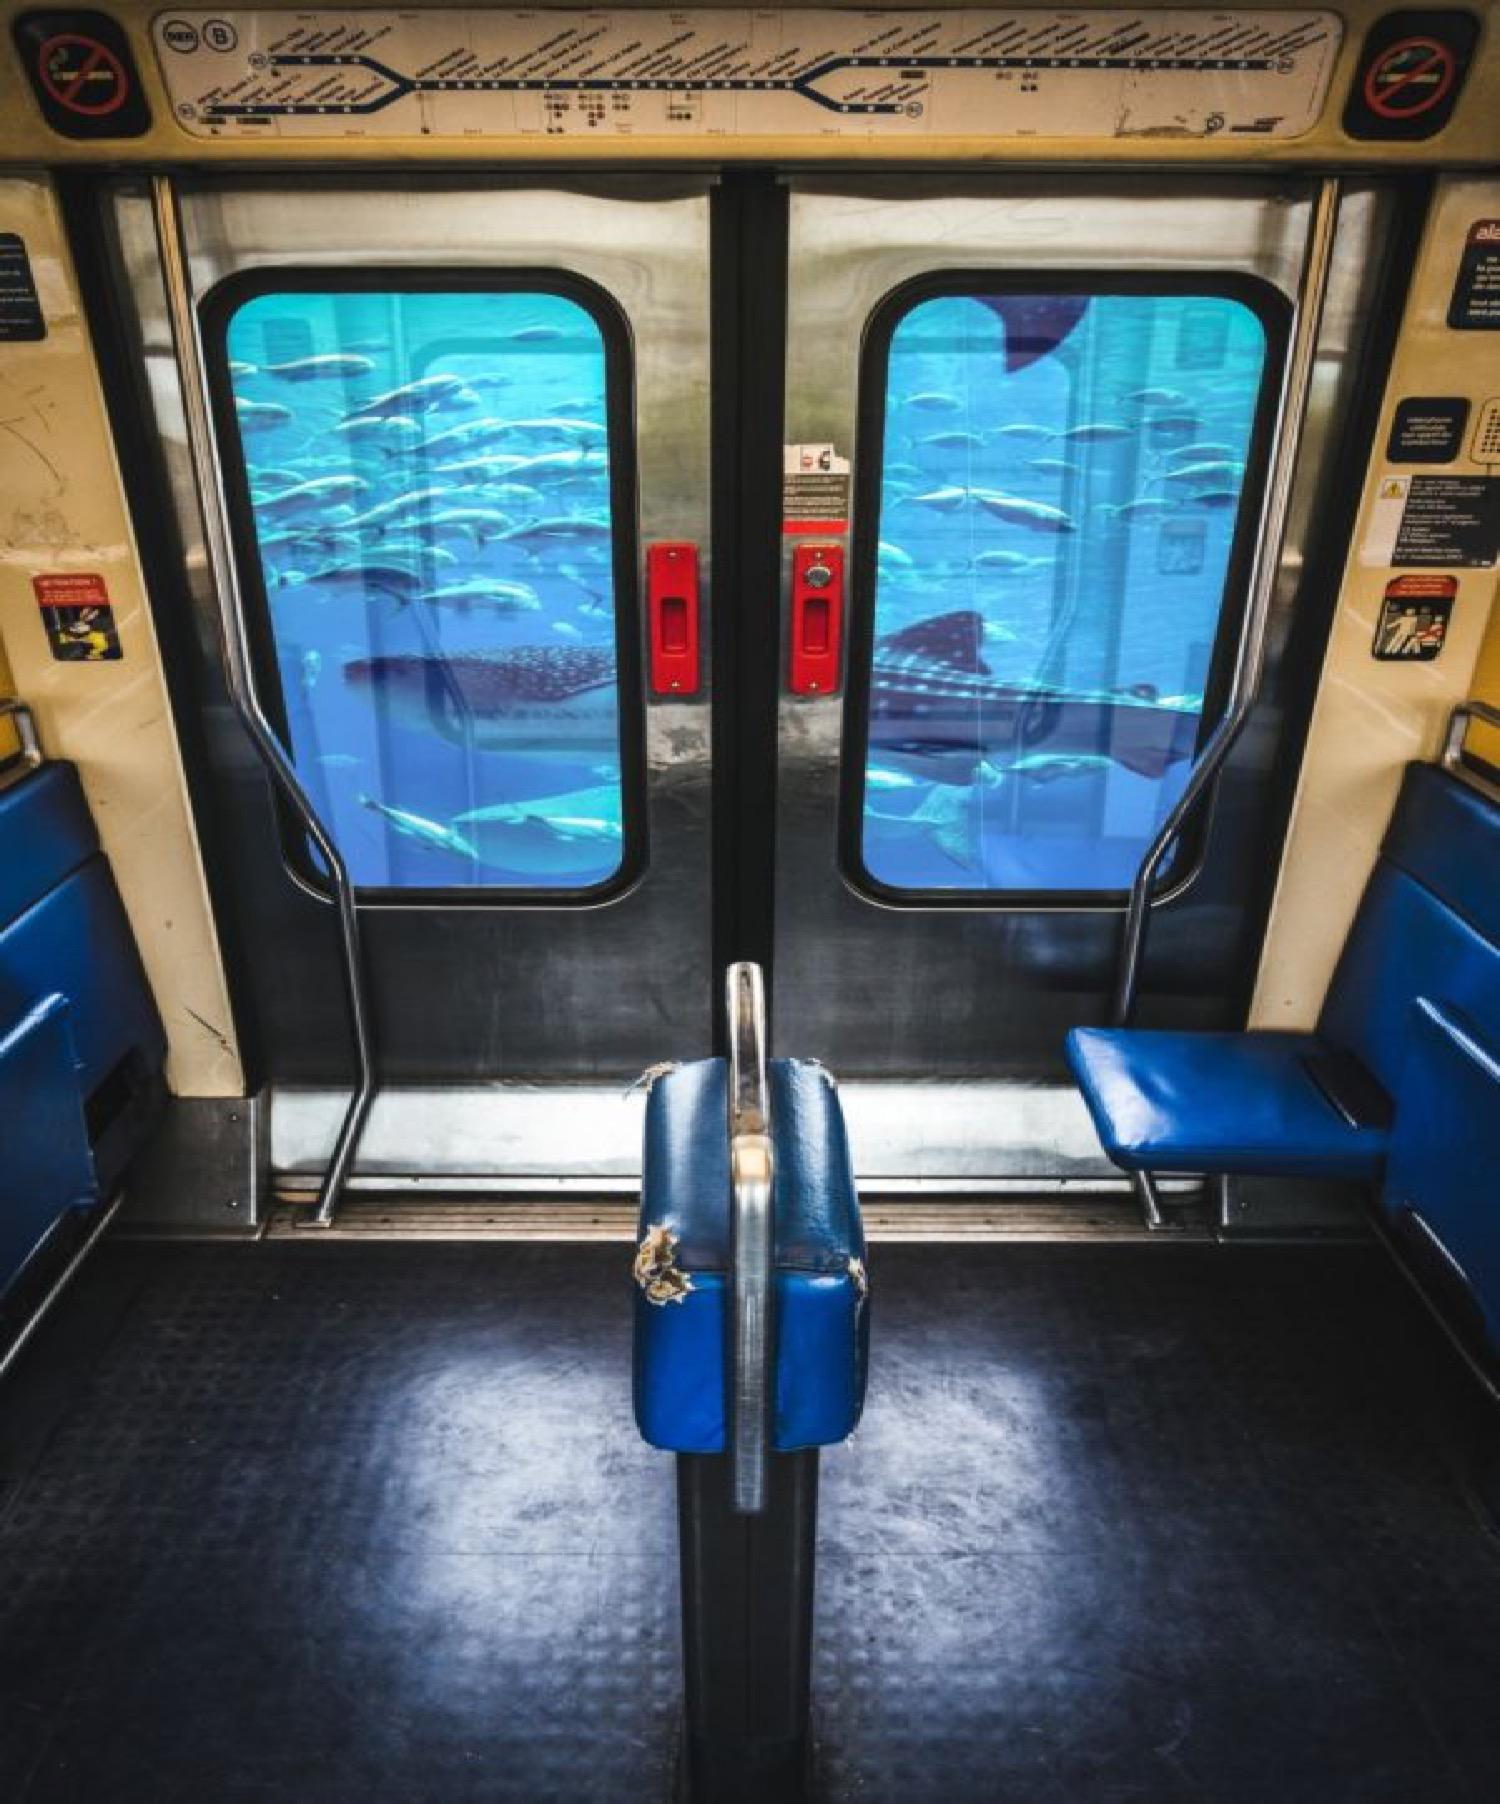 RER BOCAL - Photo de Mathieu Alemany 60x90 cm